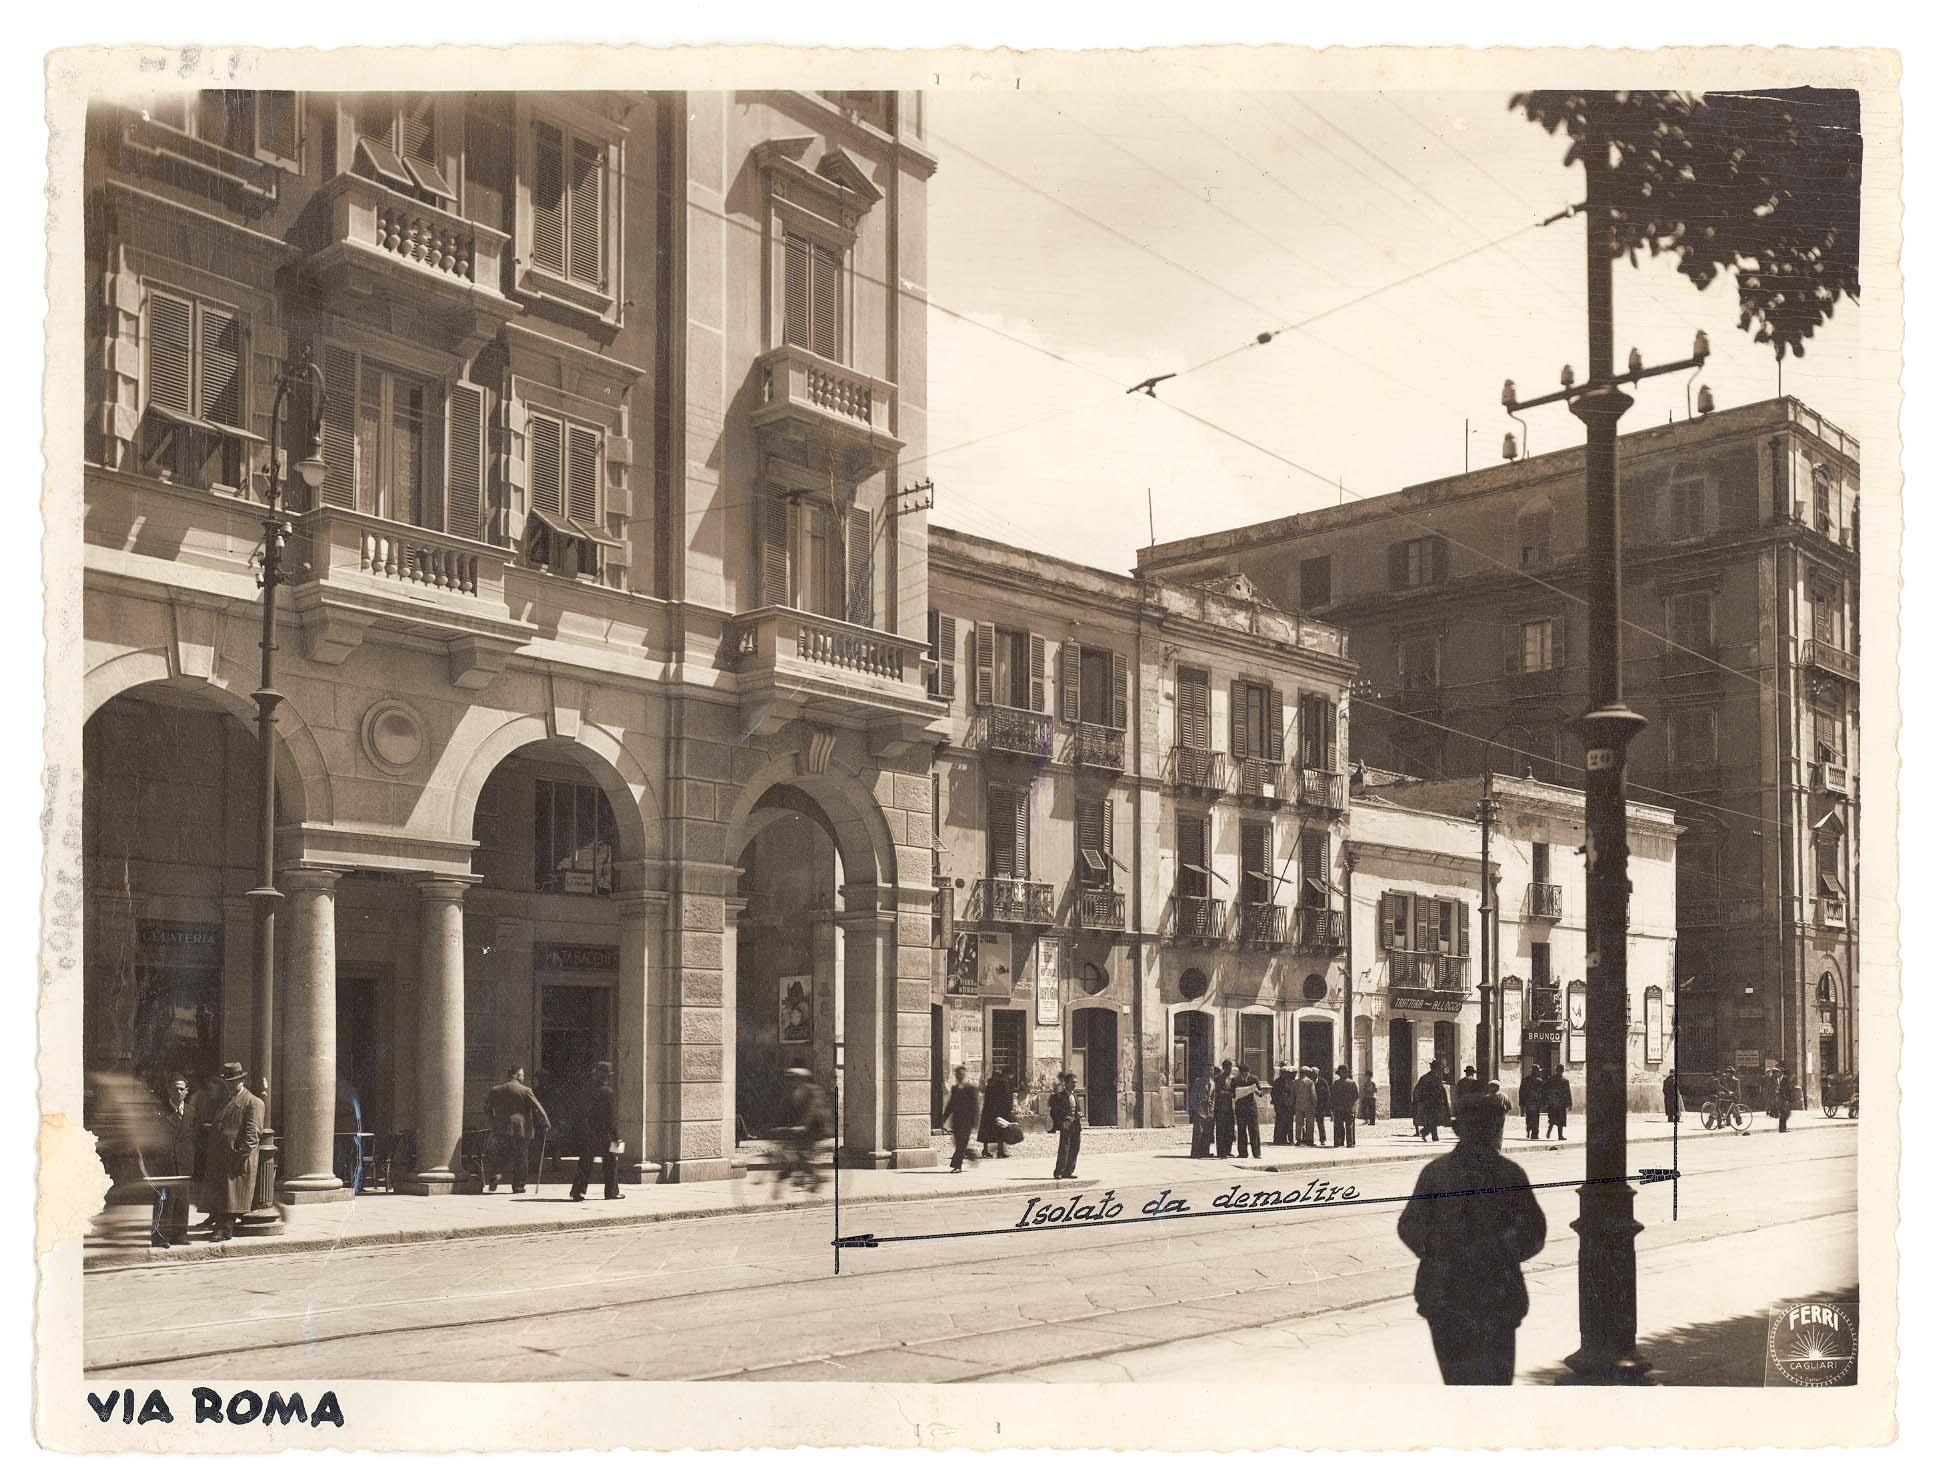 Archivio Comunale - 1930 - Topografia_jpg_foto 0006 2-3